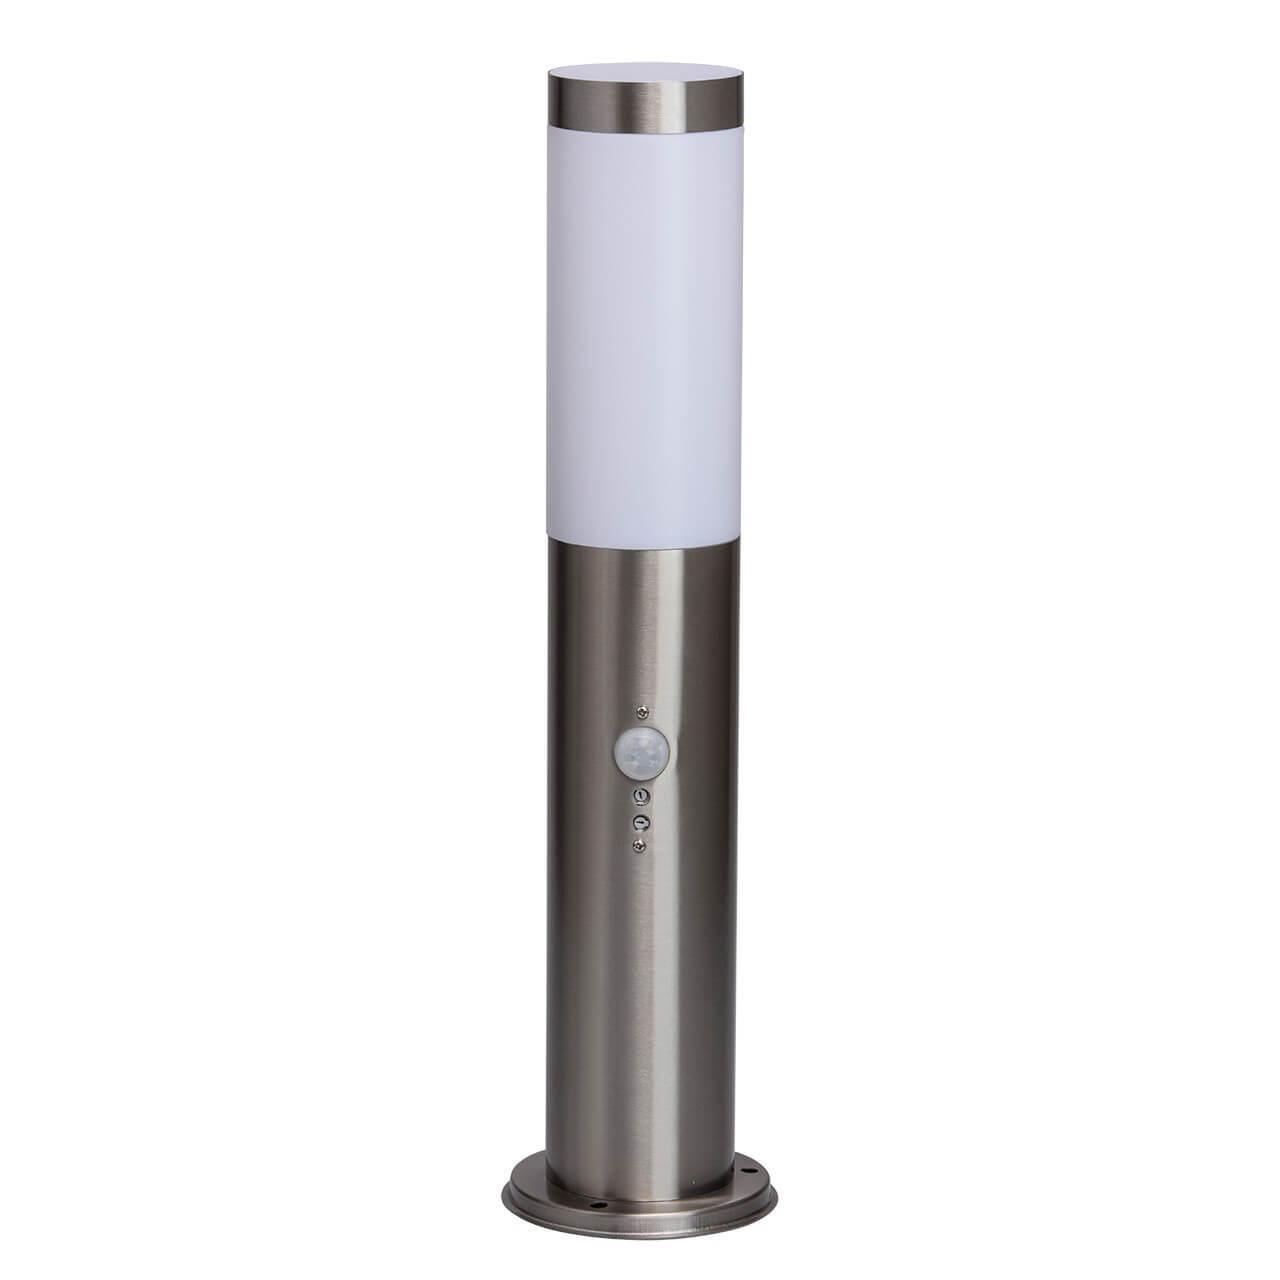 Уличный светильник MW-Light 809041101, E27 mw light уличный светильник mw light фабур 804040301